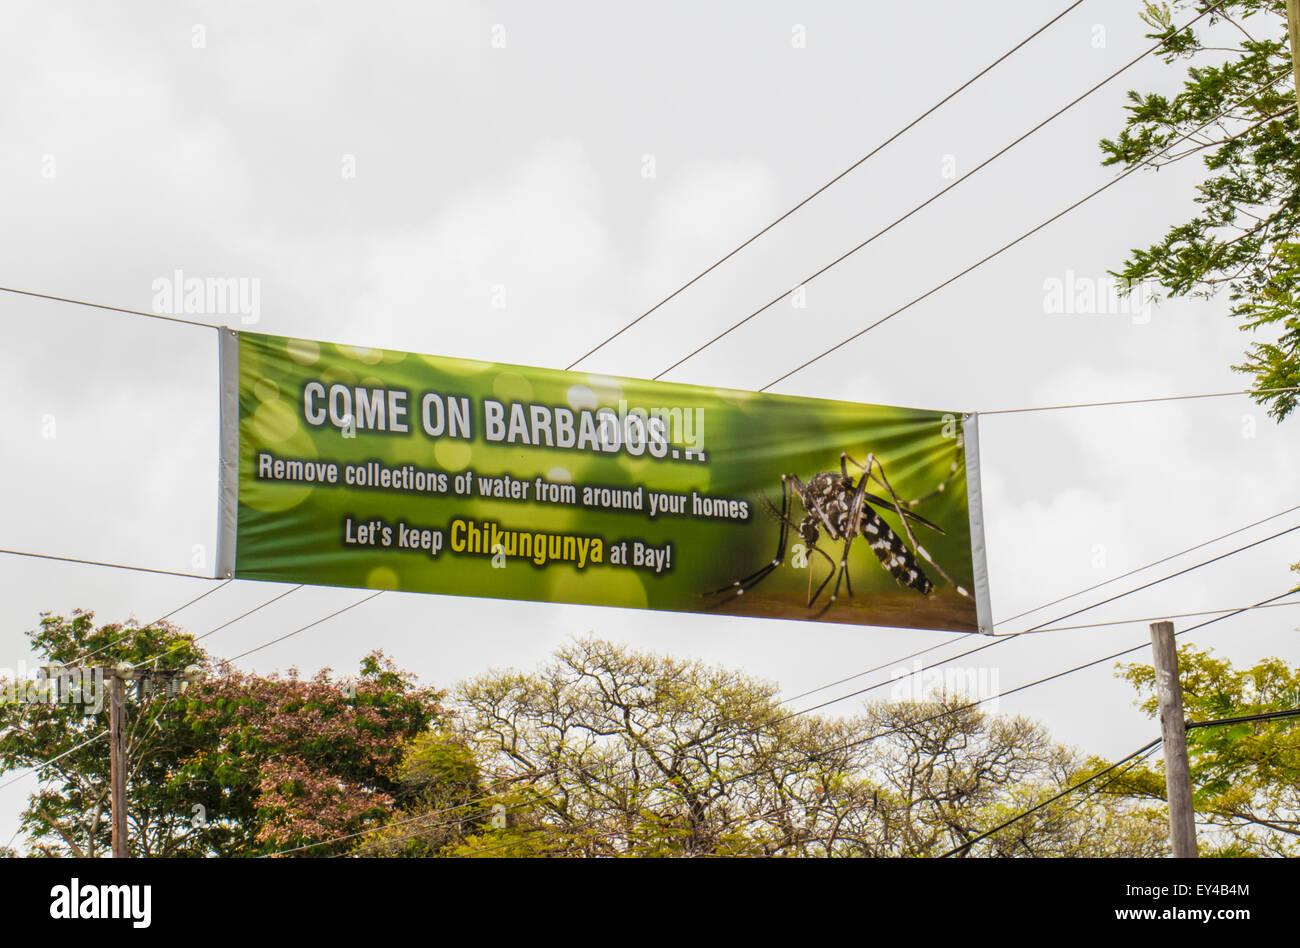 Warning sign for Chikungunya,   Barbados. - Stock Image